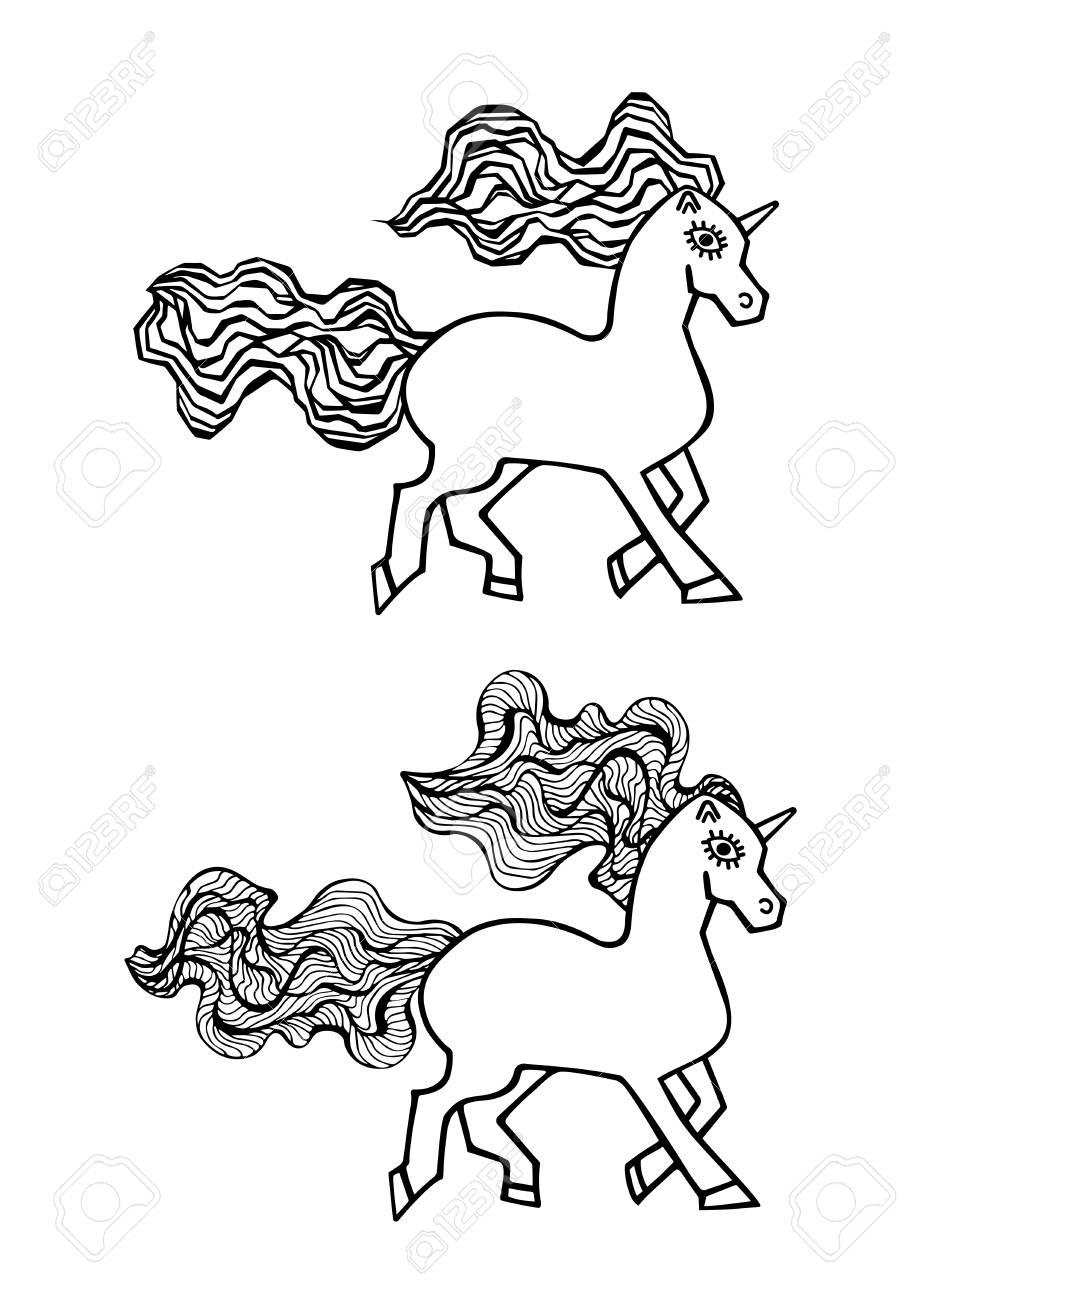 Animal Mágico En Blanco Y Negro Unicornio Para Tarjeta De Invitación De Boda Boleto Marca Logotipo De Boutique Etiqueta Unicornio Para La